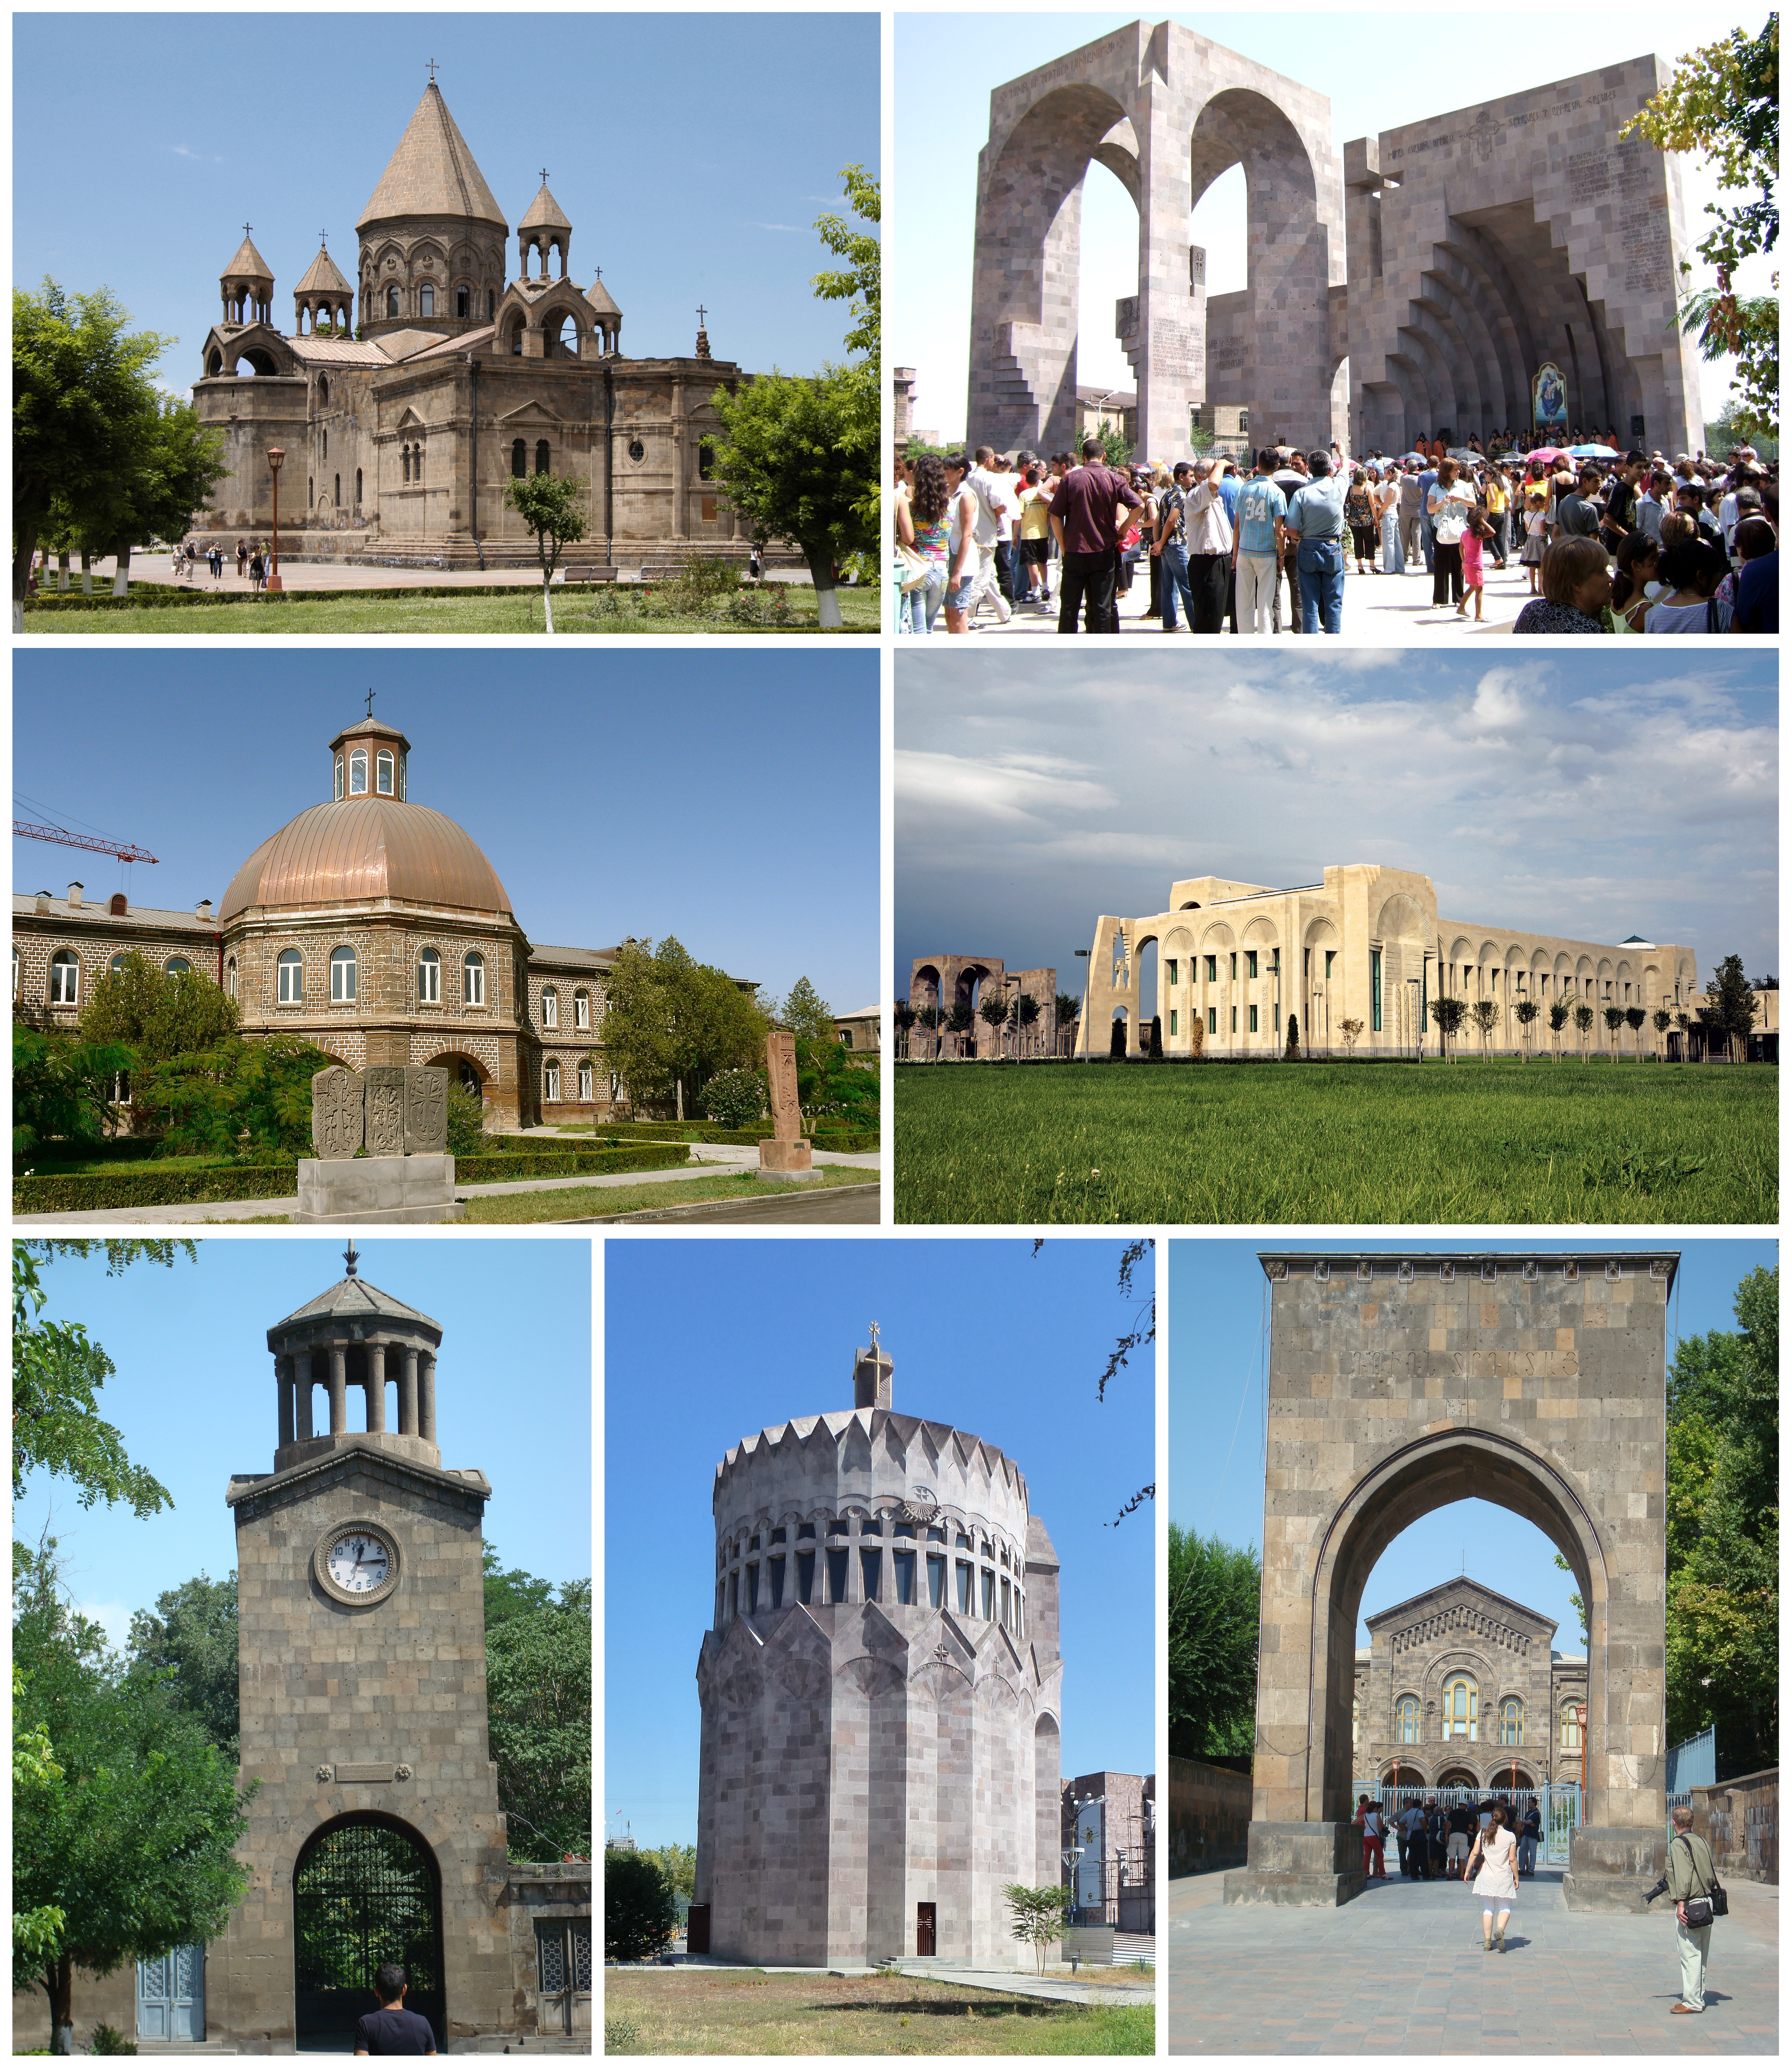 http://upload.wikimedia.org/wikipedia/commons/a/ae/Մայր_Աթոռ_Սուրբ_Էջմիածին_Mother_See_of_Holy_Etchmiadzin.jpg